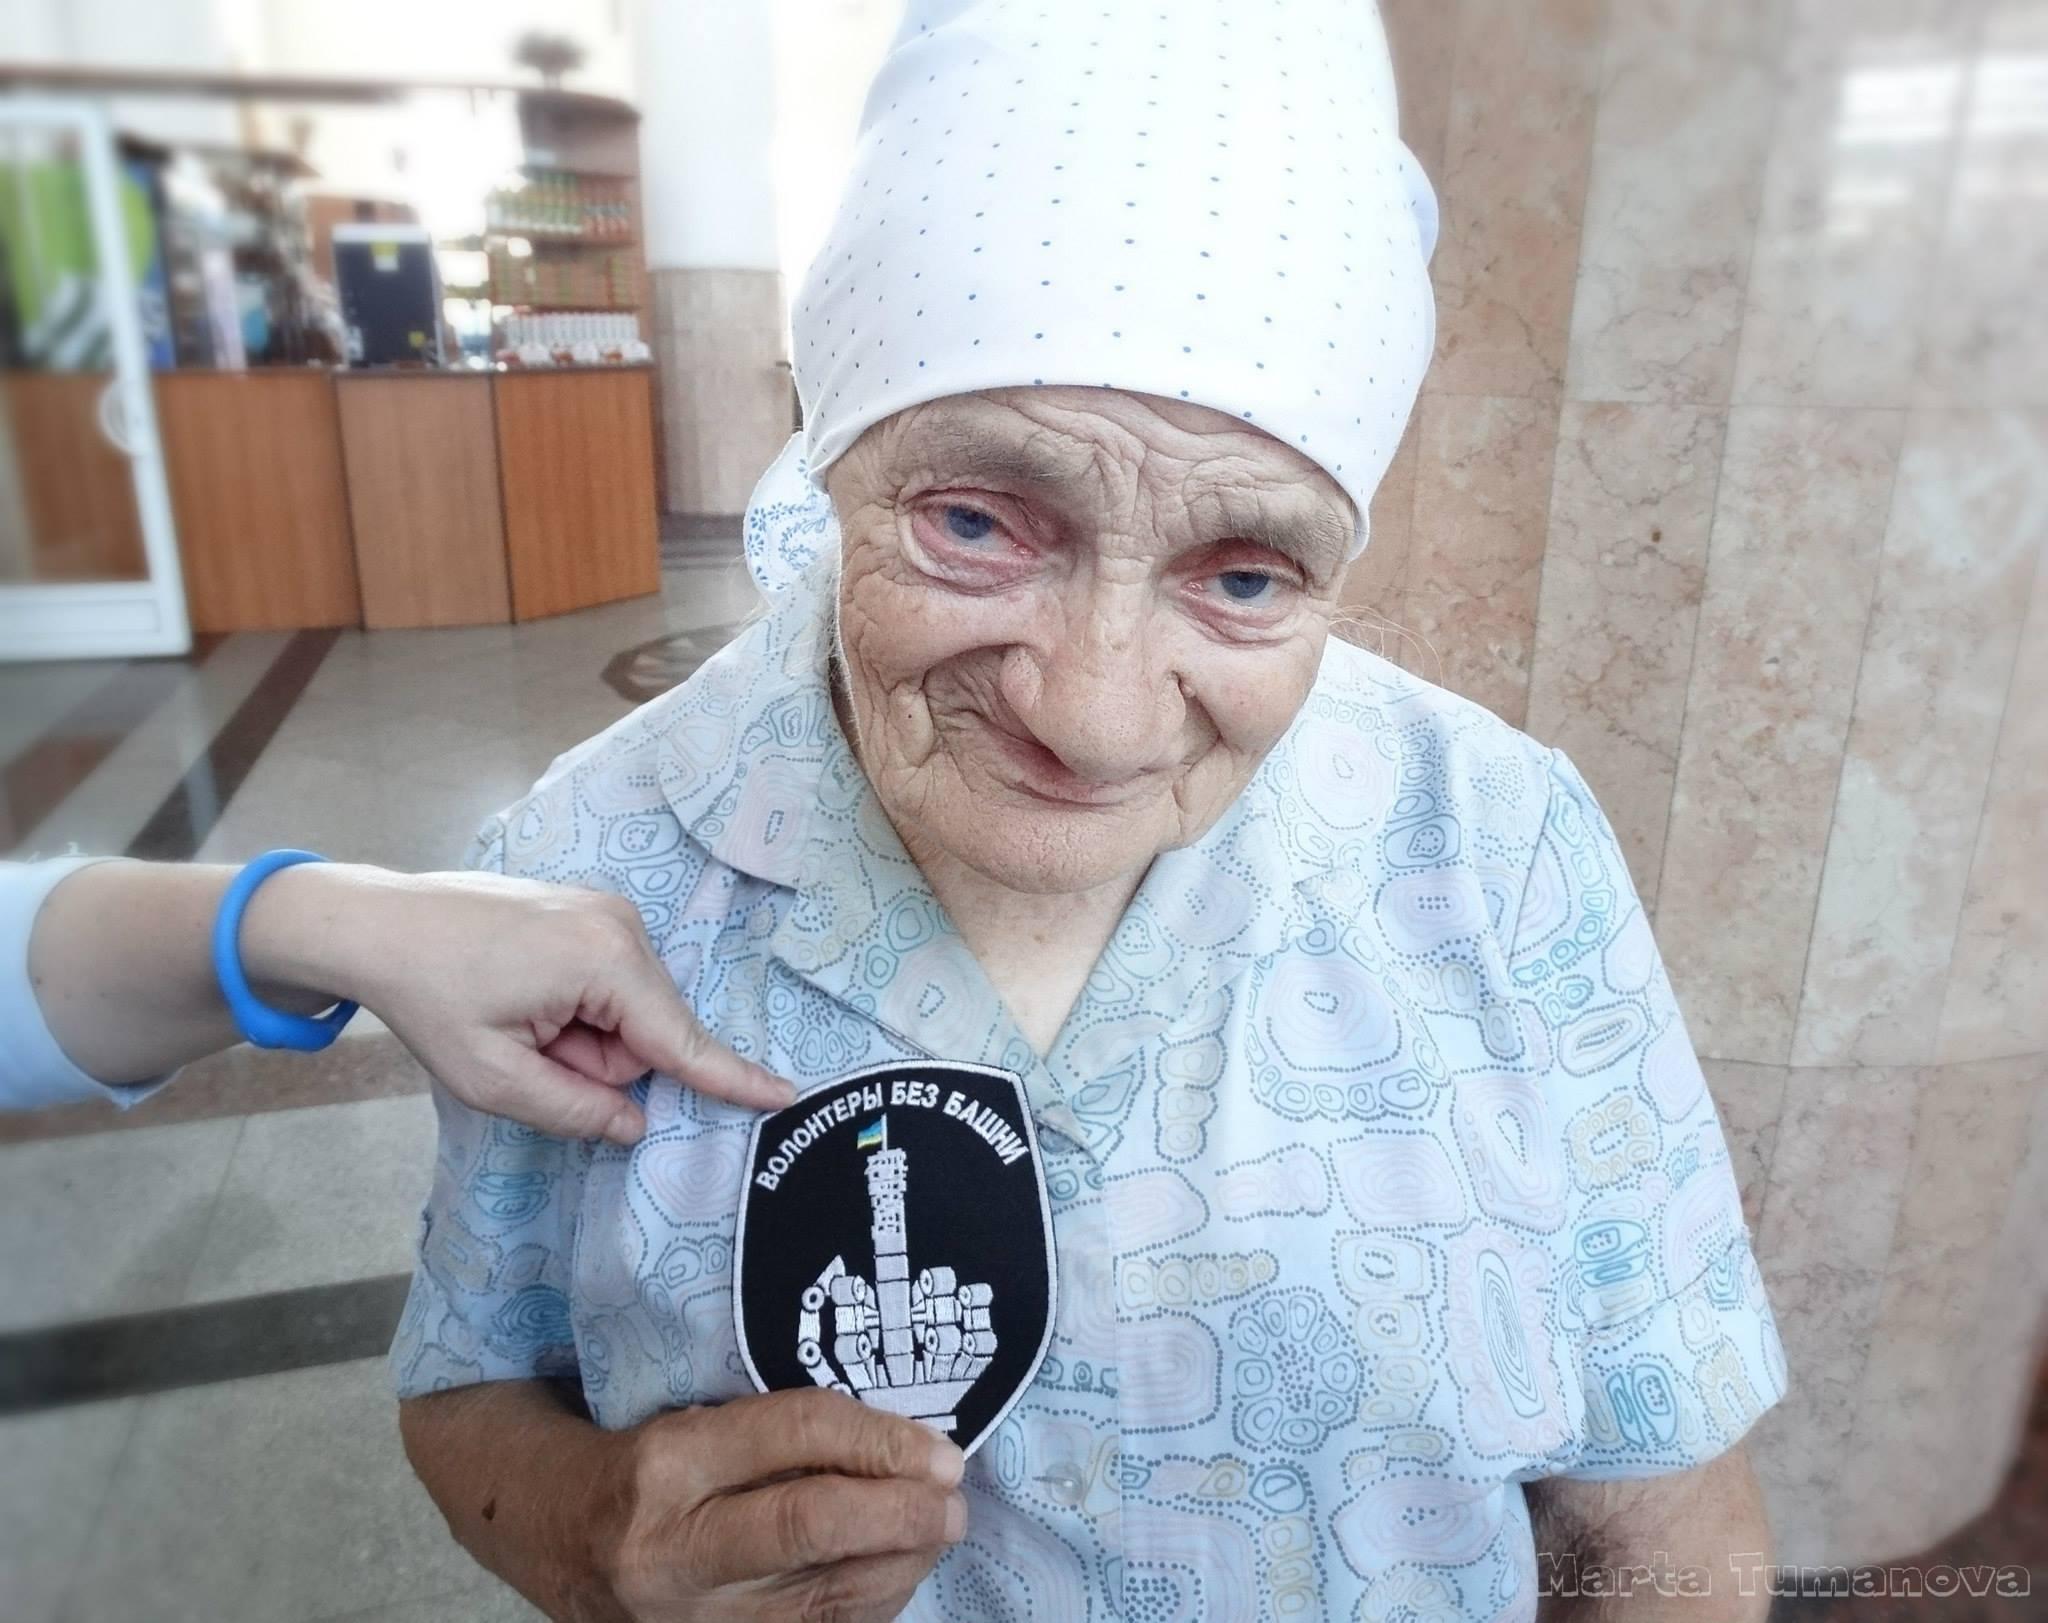 Пішла з життя найстаріша в Україні волонтерка – Людмила Савченко | Рубрика